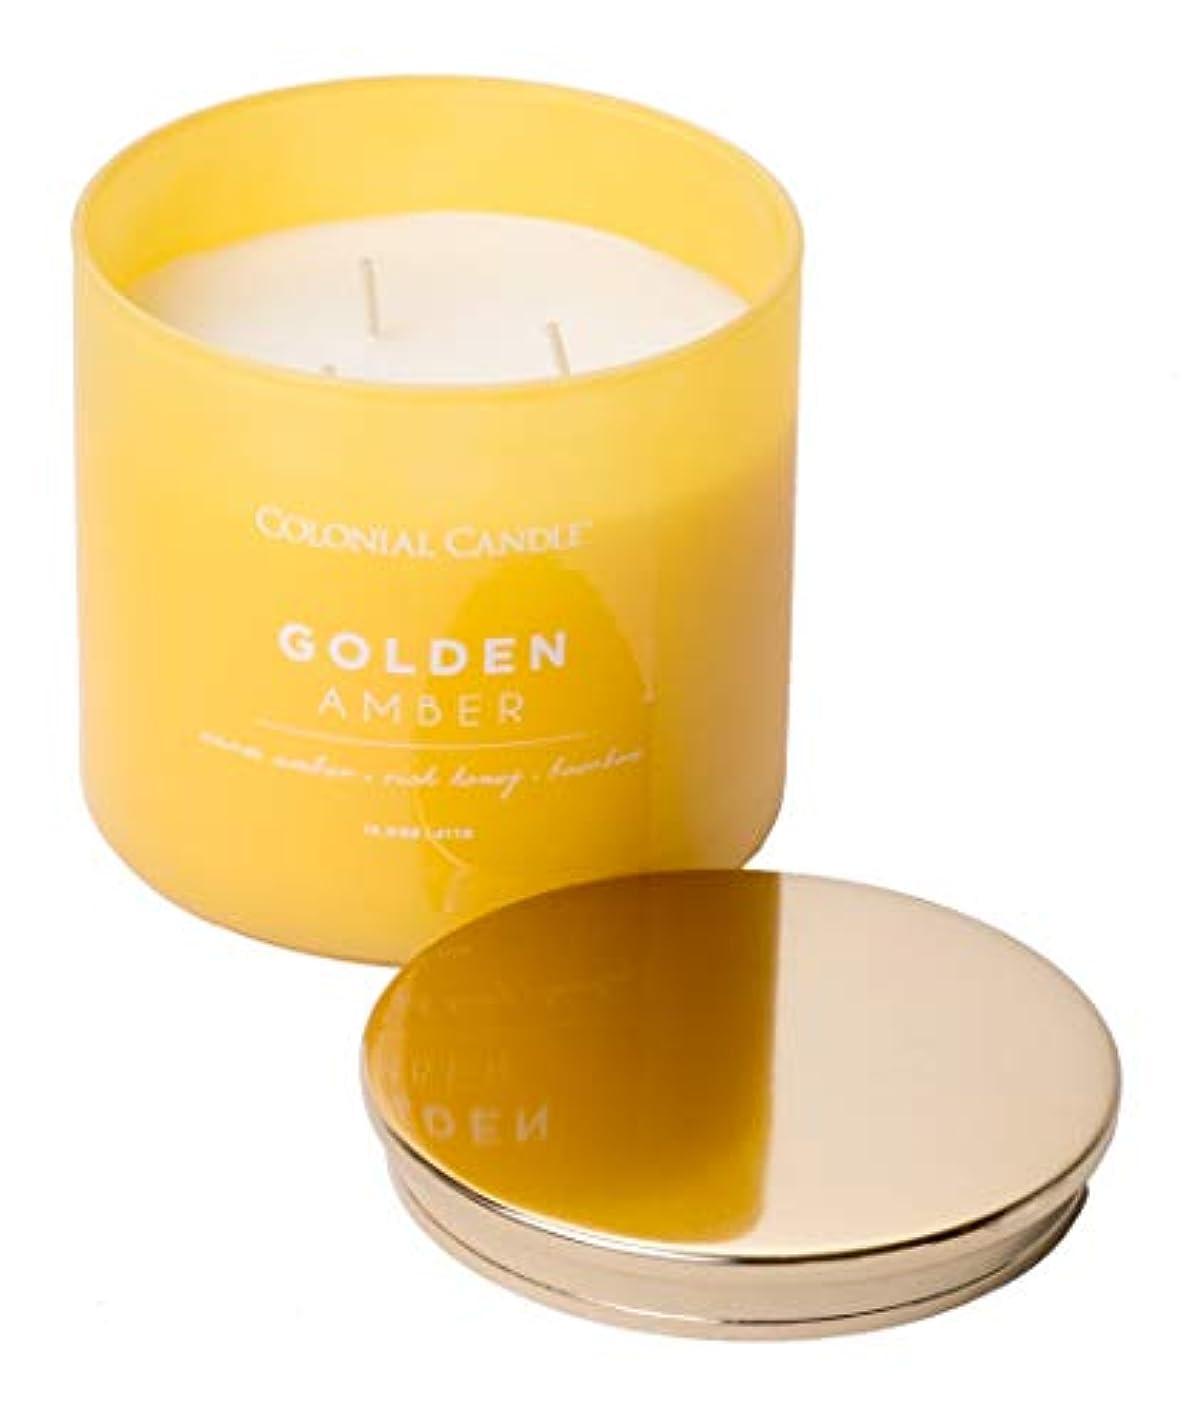 チャンバー花束差別的Colonial Candle ゴールデンアンバー ポップオブカラーコレクション 香り高いキャンドル 装飾的な色付きガラス瓶入り ミディアム 14.5オンス